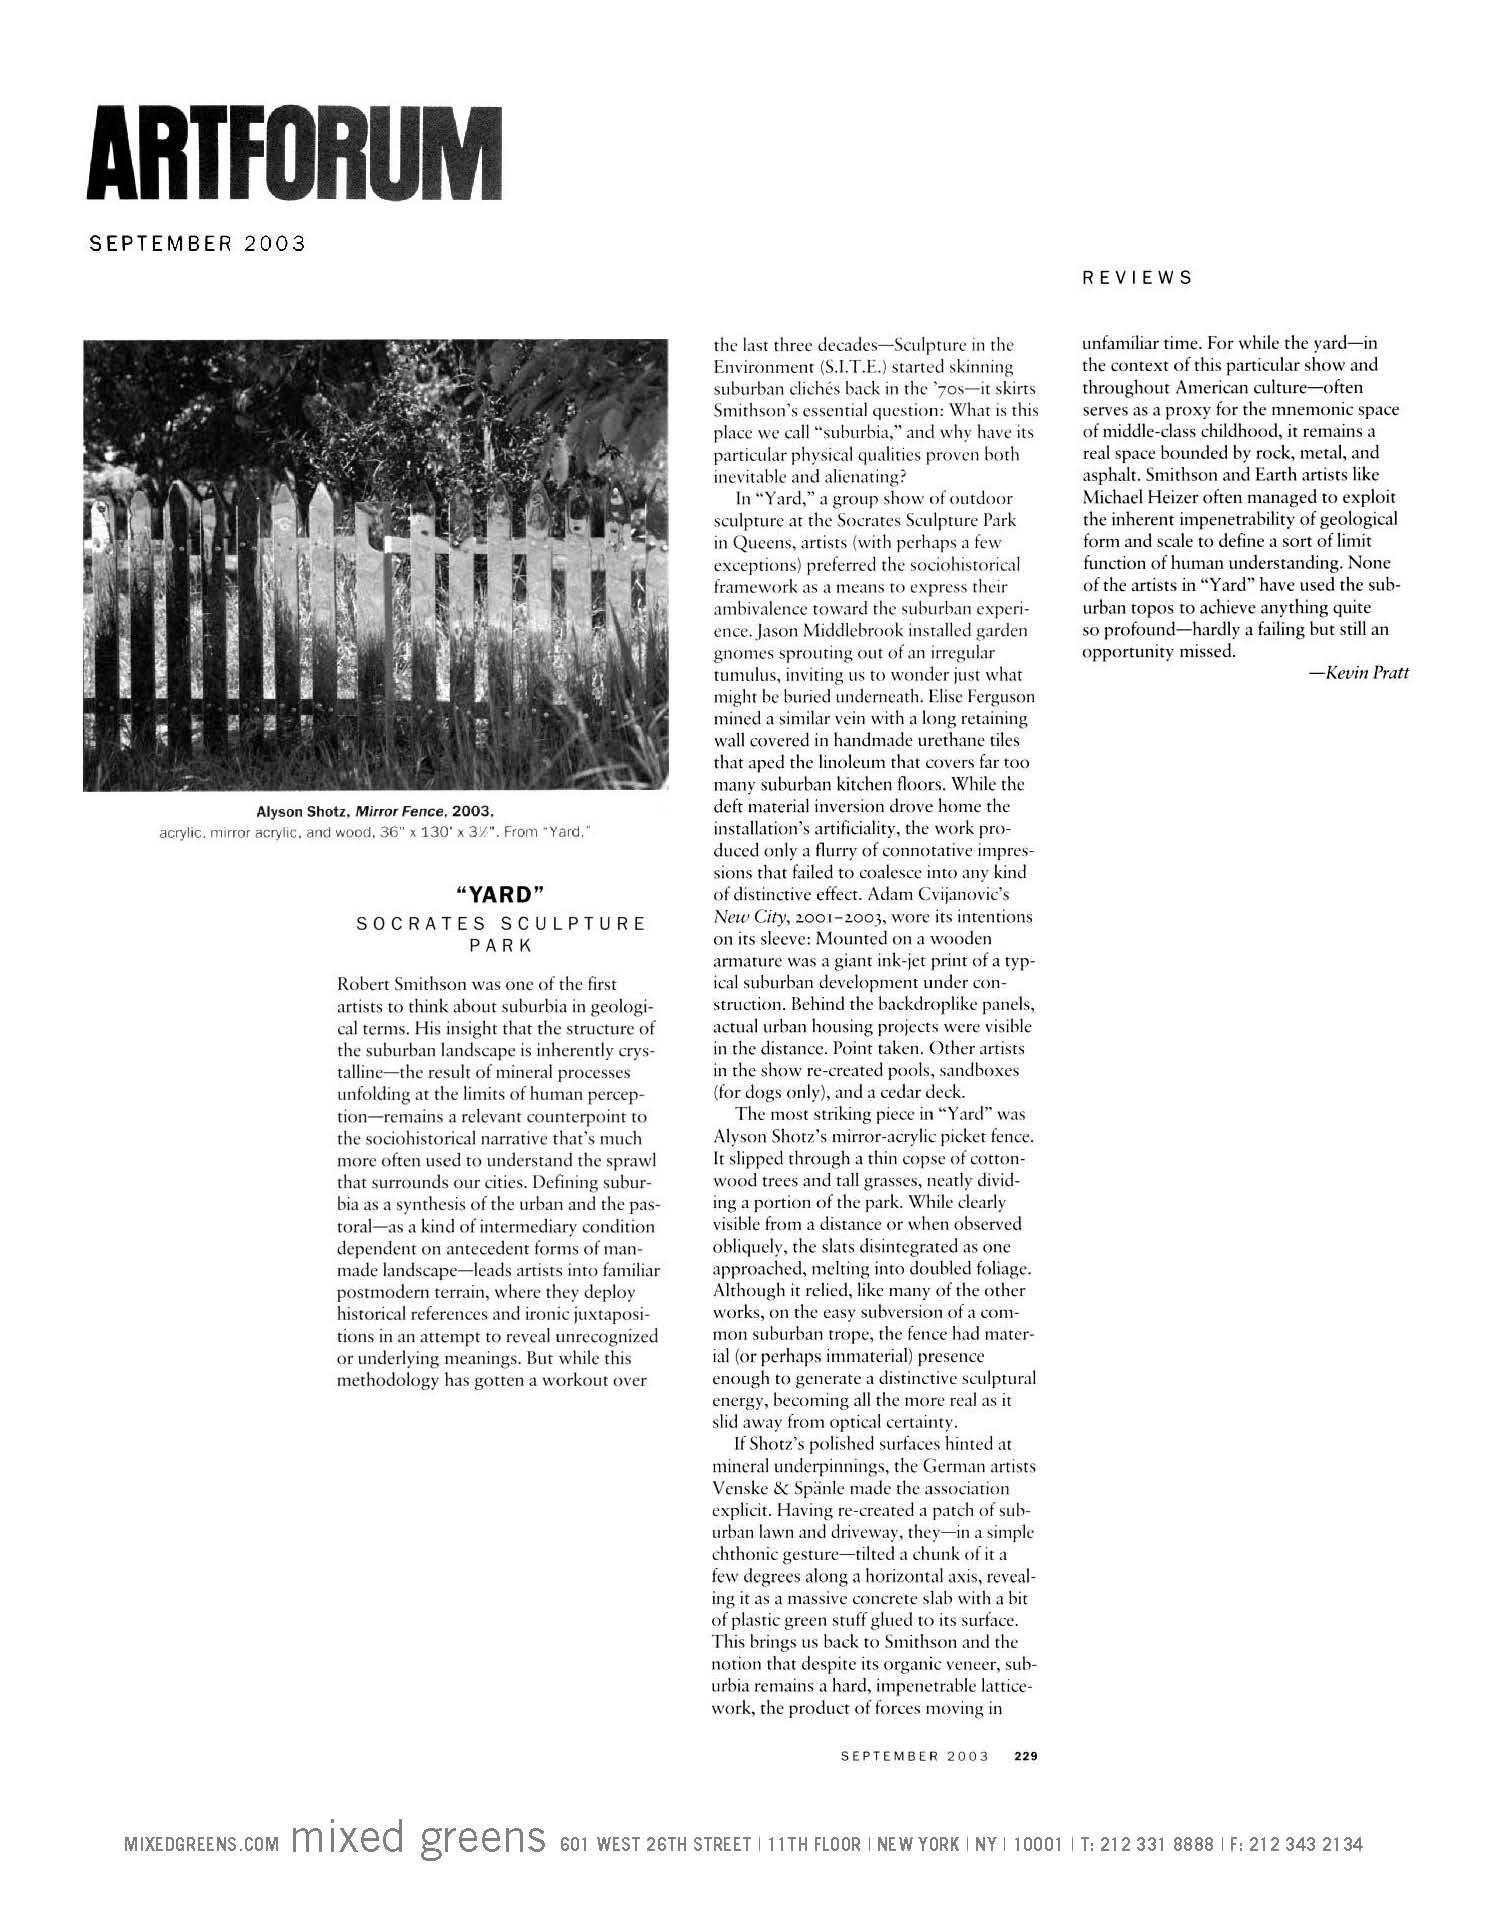 Artforum: September, 2003